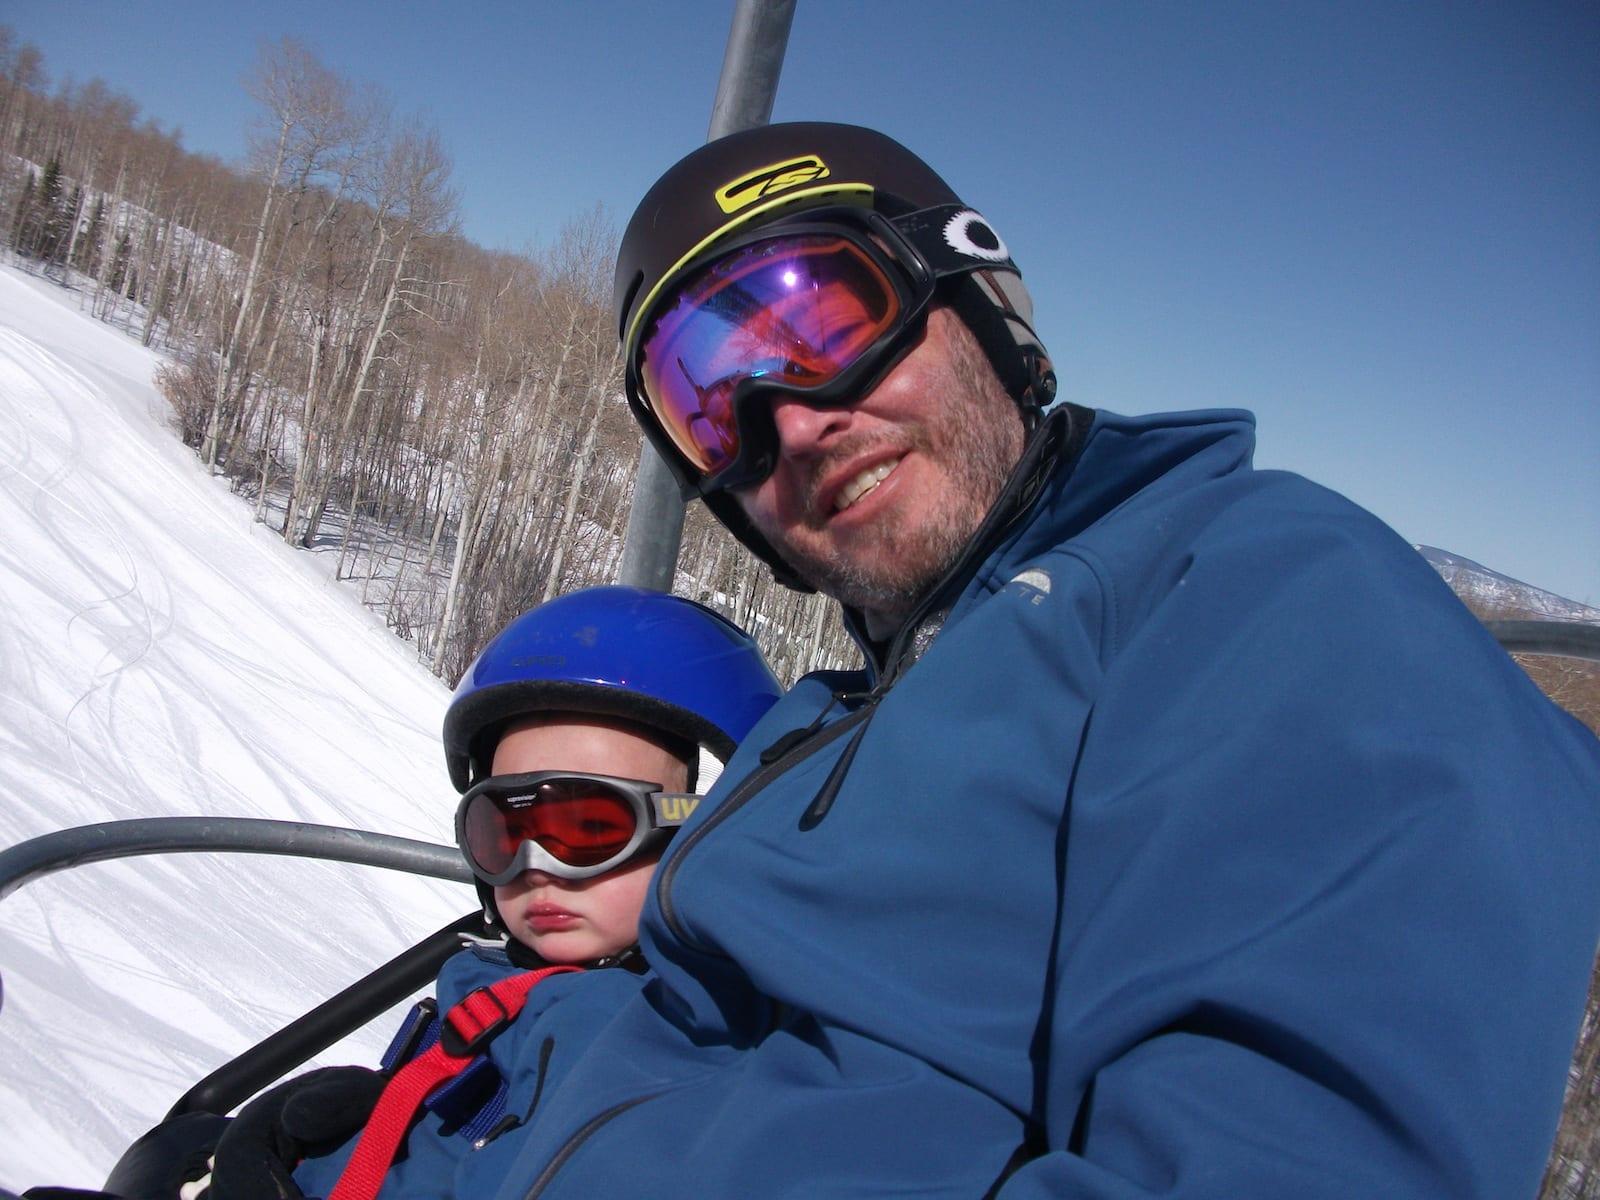 Ski Slang Gaper Gap on Chairlift